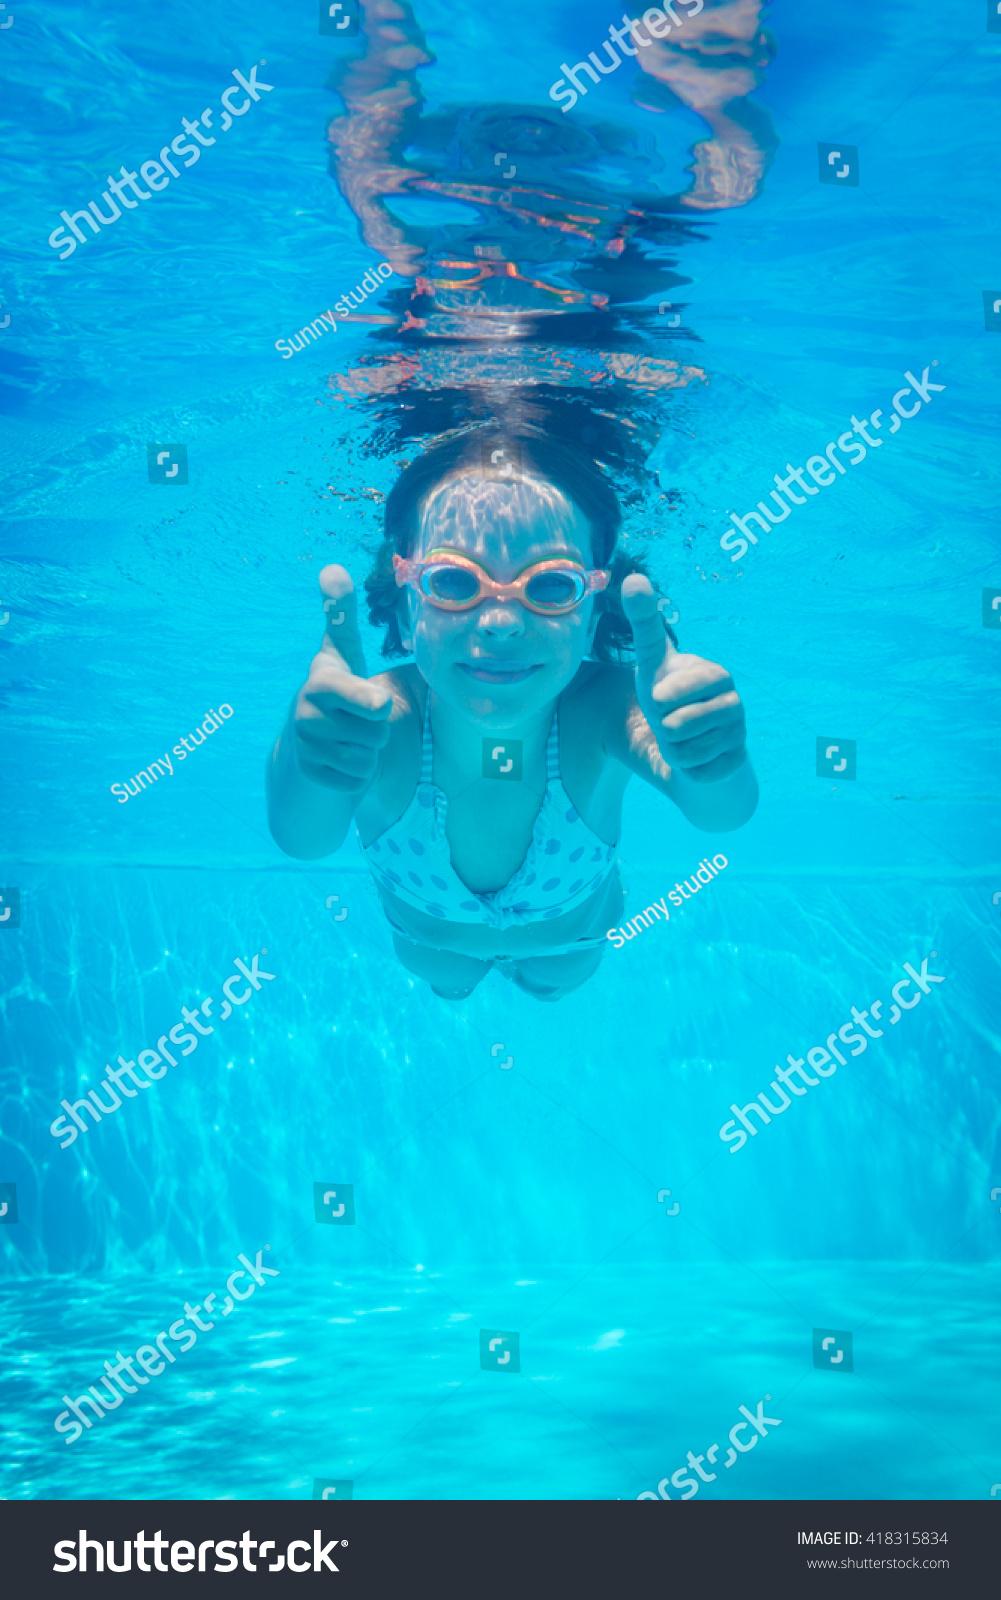 Kid Having Fun Swimming Pool Underwater Stock Photo 418315834 Shutterstock